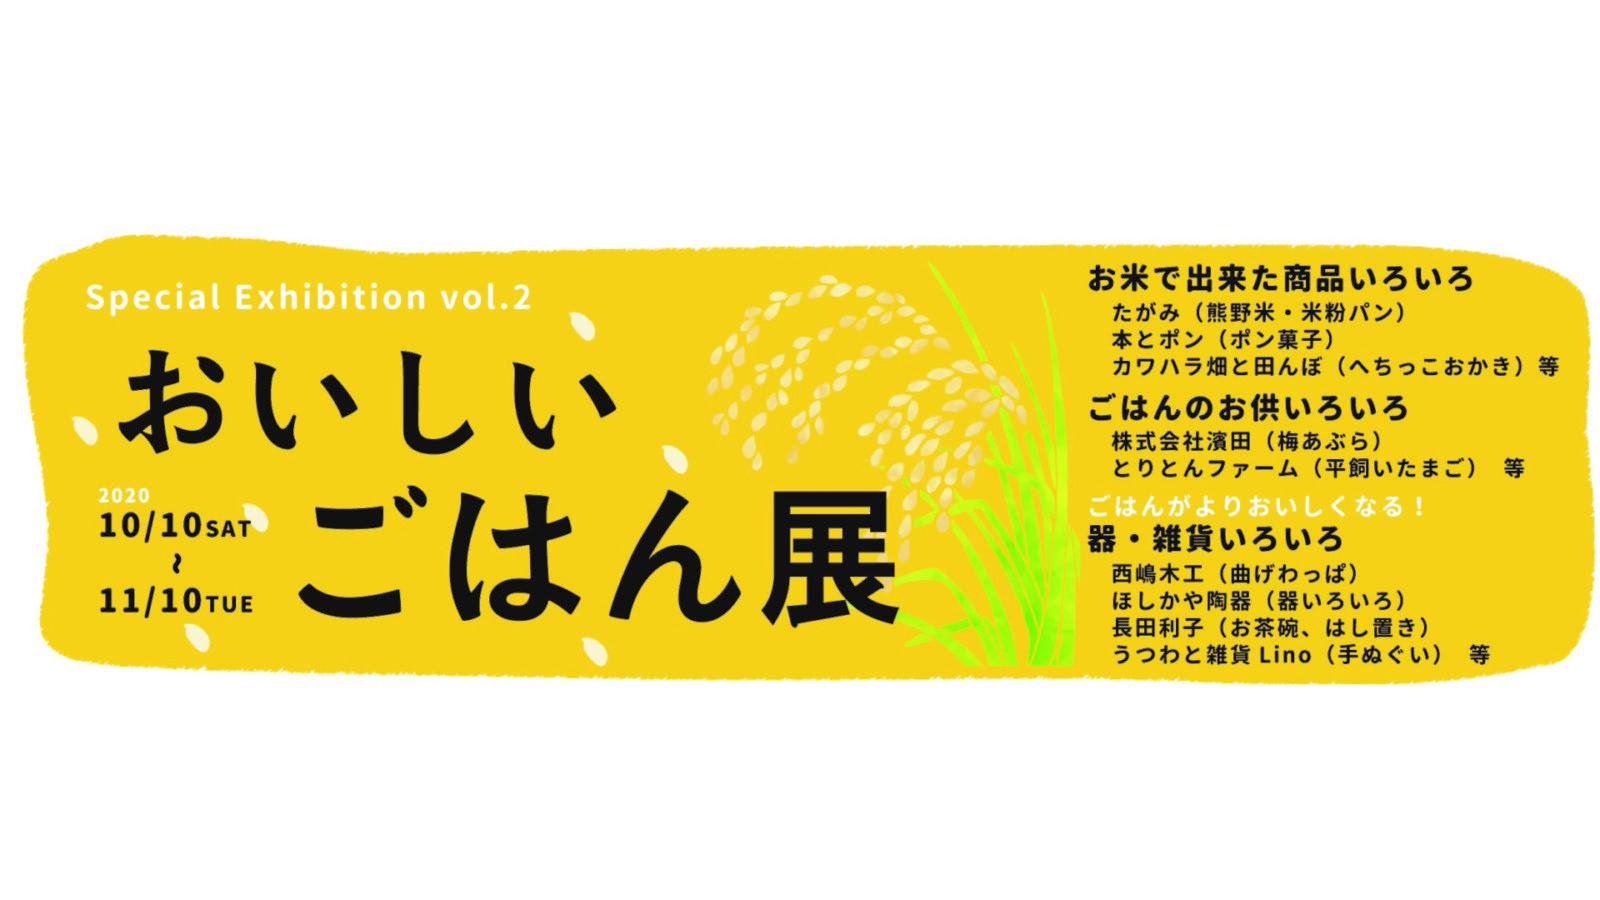 【ショップ企画展vol.2】おいしいごはん展